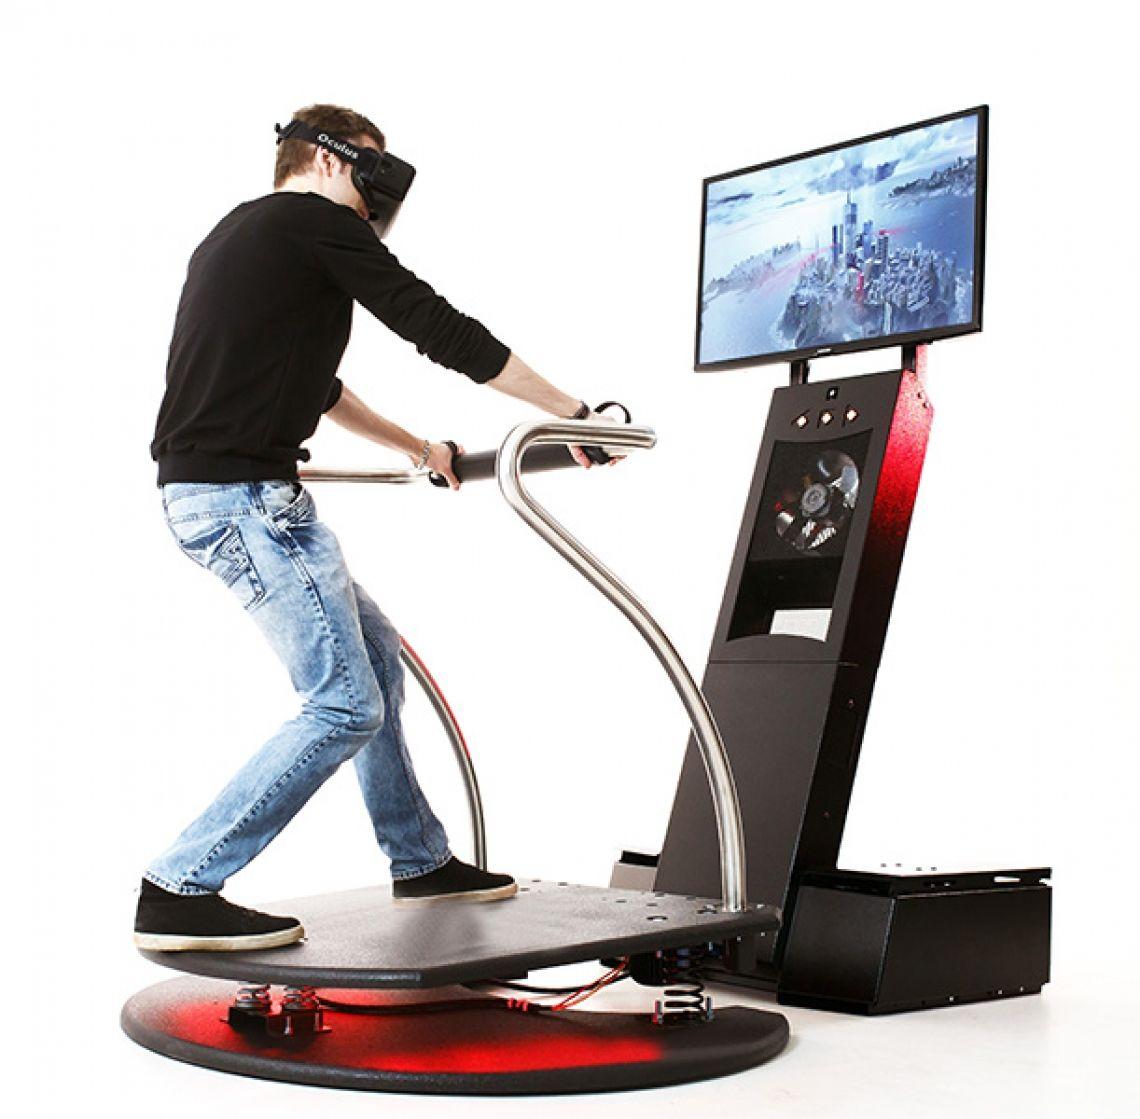 VR Xtreme Simulator mieten 14 ultrarealistische Simulationen in einem Gerät. Xtreme-Events goes VR, willkommen in einer neuen Dimension. Ralleyfahrten, Bungeespringen, Skisprung, Ski Abfahrt, Skydiving, BMX Downhill, Katapult... Holen Sie sich diesen brandneuen Adrenalinkick auf Ihr Event. Jetzt den Virtual Reality Simulator mieten.